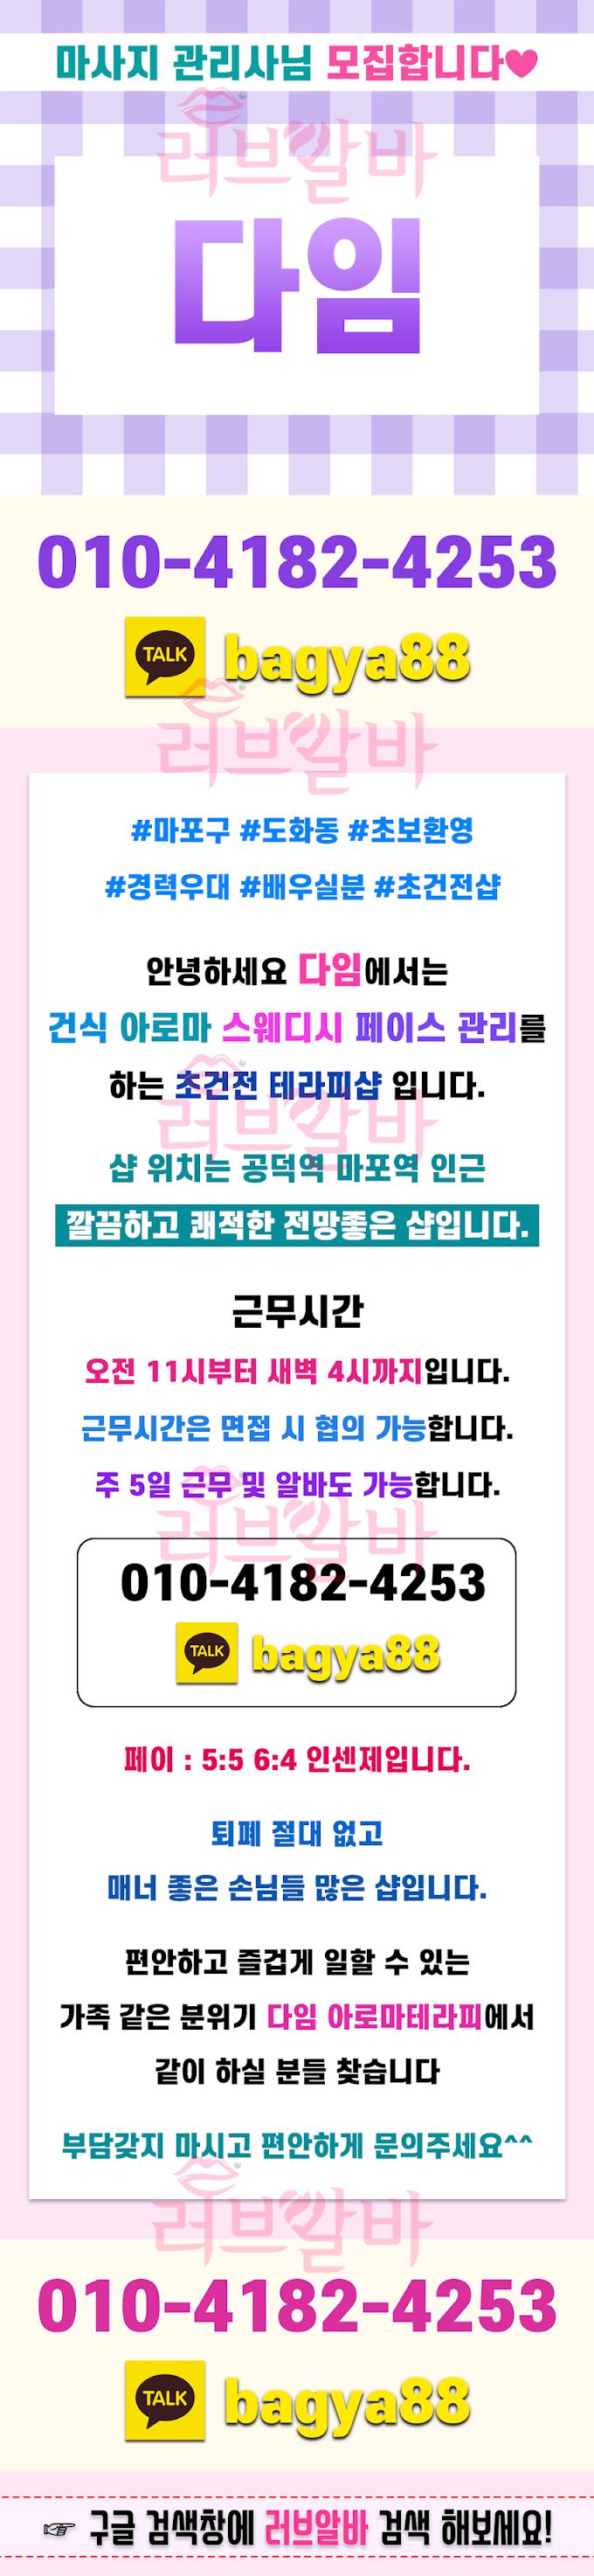 [서울 마포구] 다임테라피 마사지 관리사분 모시고 있어용~♥ 다인샵이구 노퇴폐 초건전으로 운영되고 있어요! 24시간 문의 가능합니당 :)